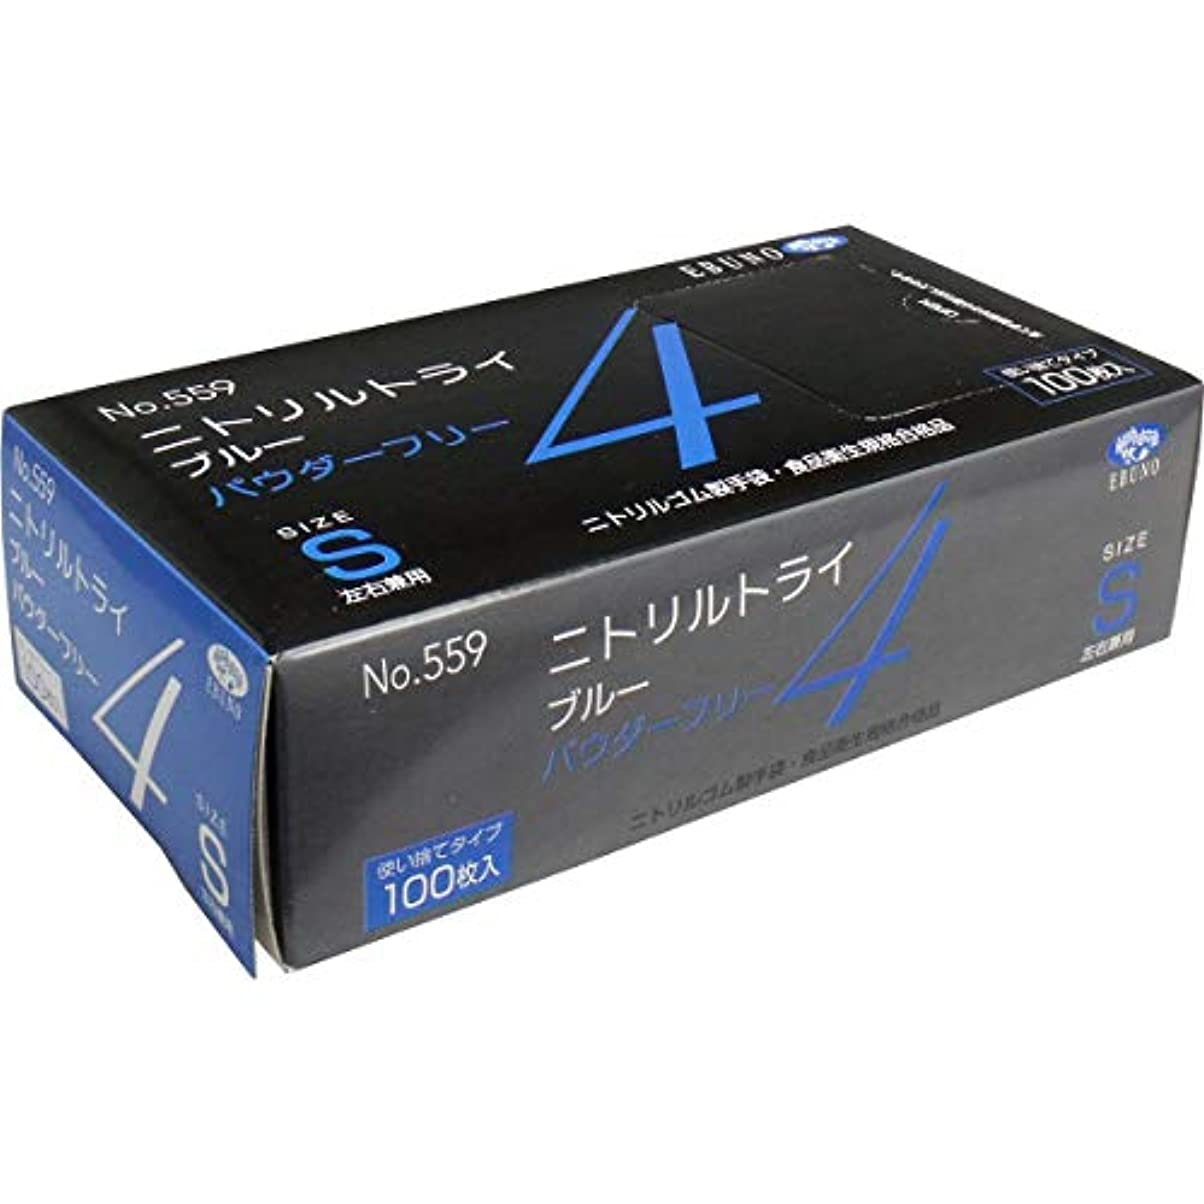 教室科学安いですニトリルトライ4 手袋 ブルー パウダーフリー Sサイズ 100枚入×10個セット